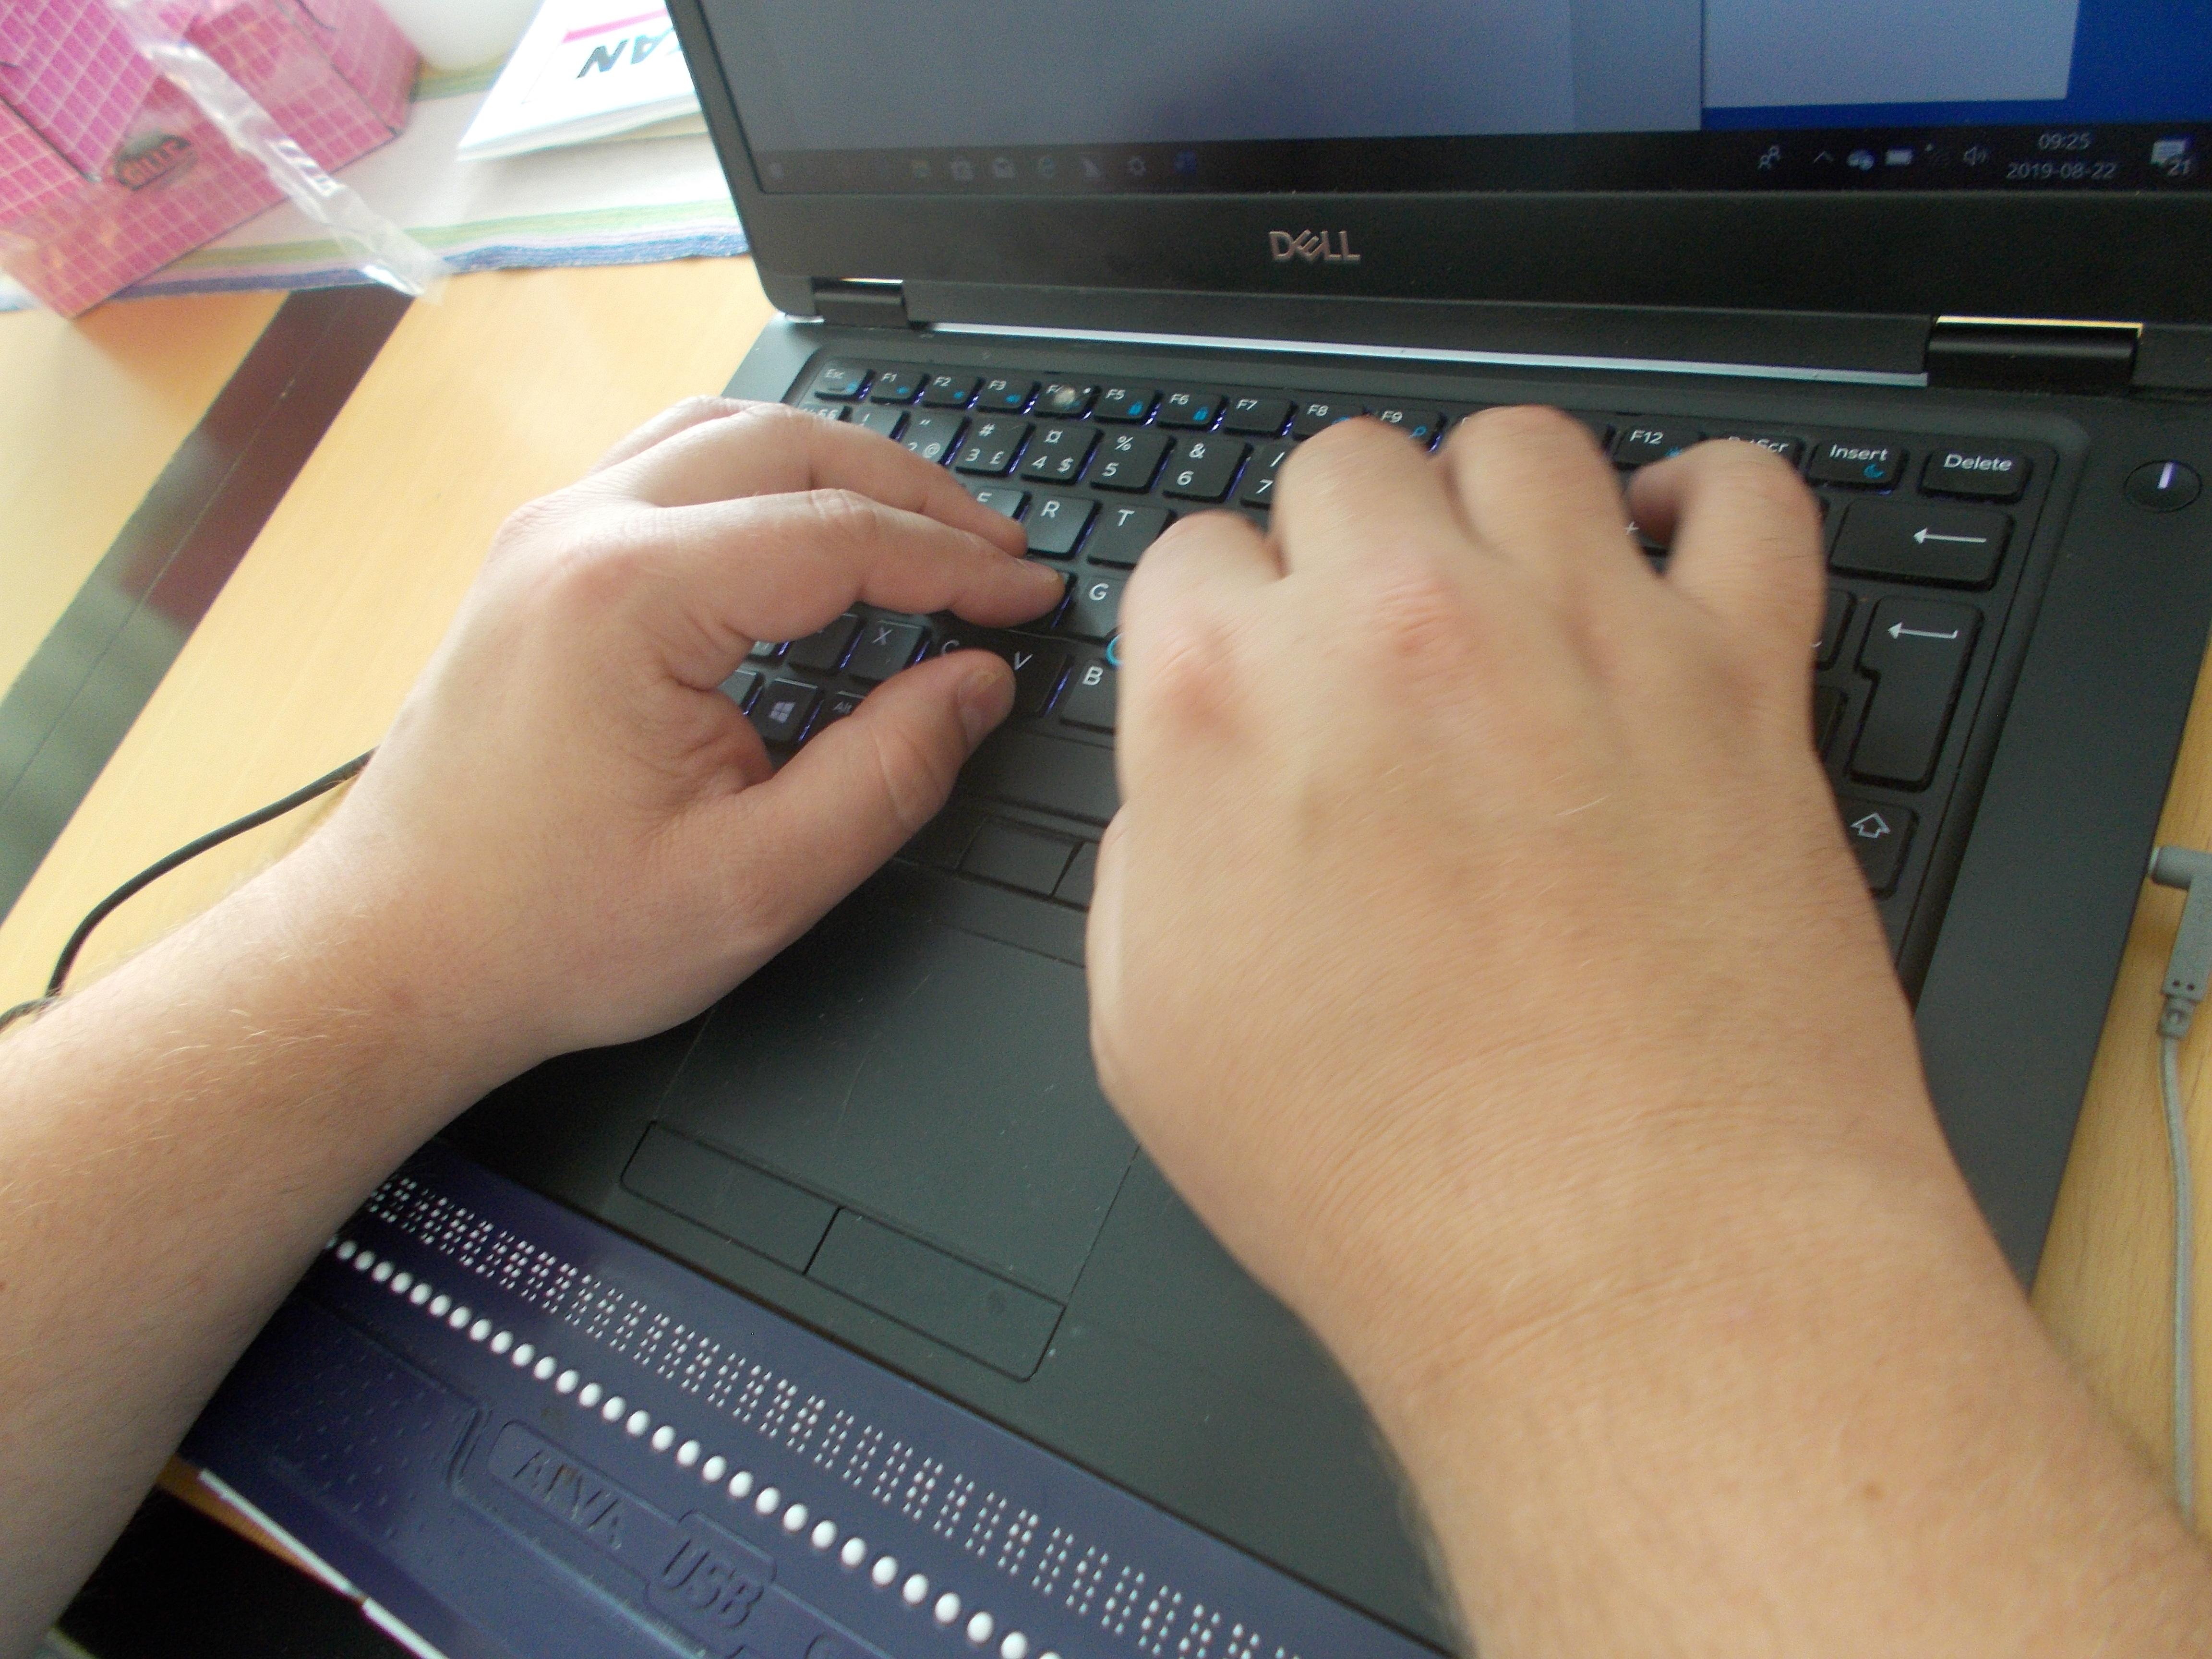 Två händer som läser på punktskriftsdisplayen kopplat till datorn